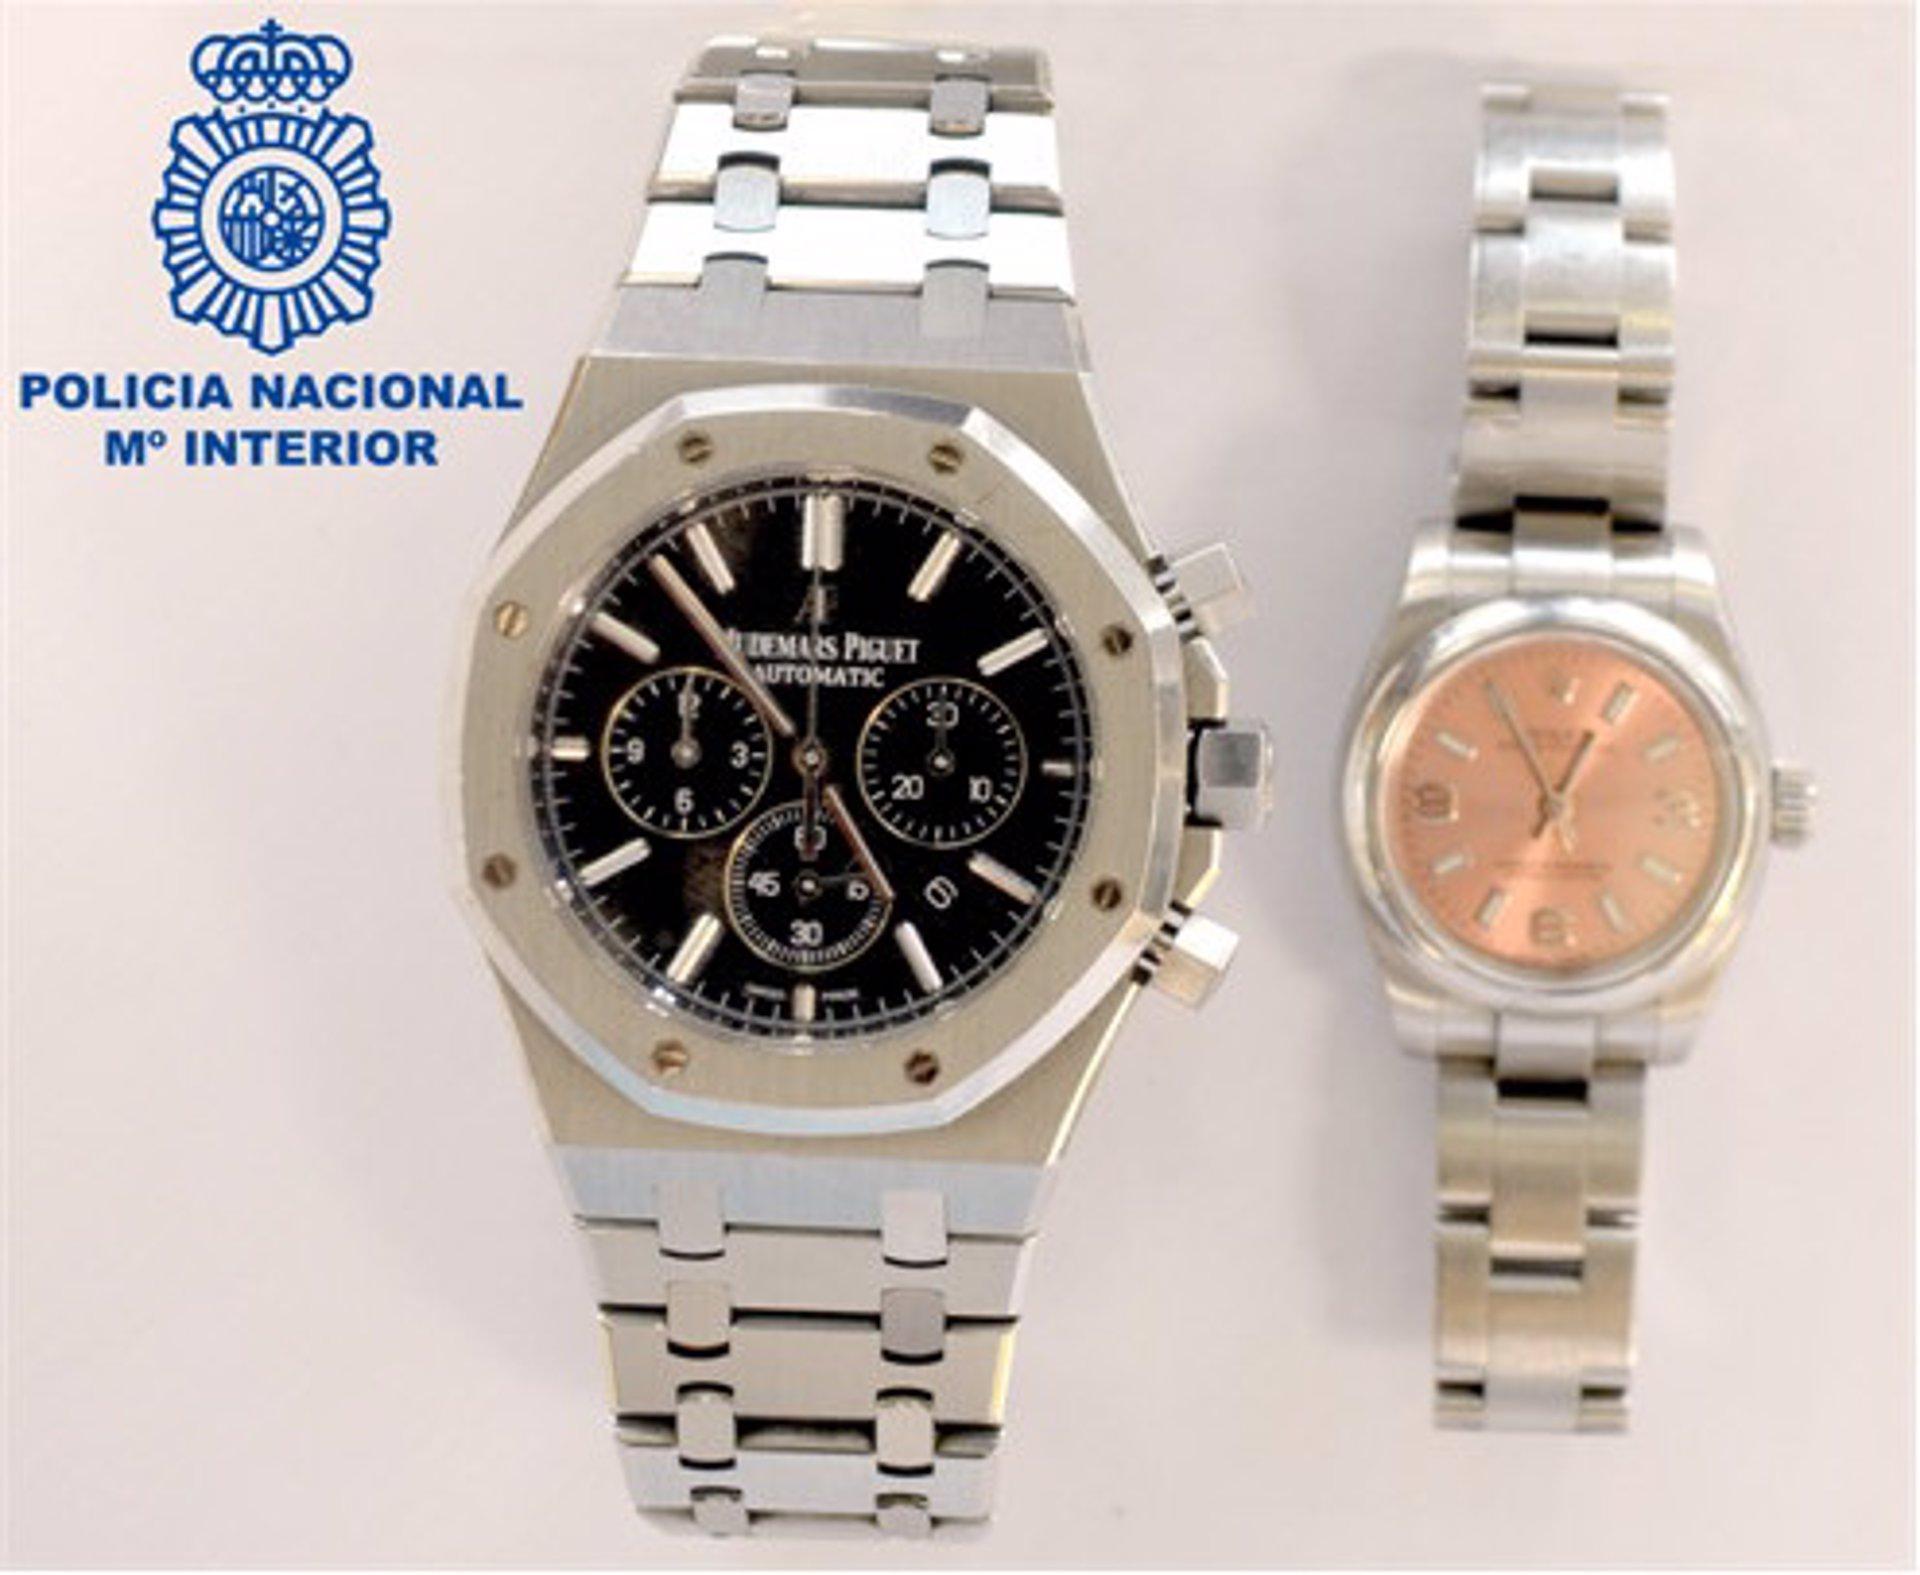 La Policía Nacional recupera en Ibiza dos relojes de alta gama sustraídos por una banda criminal